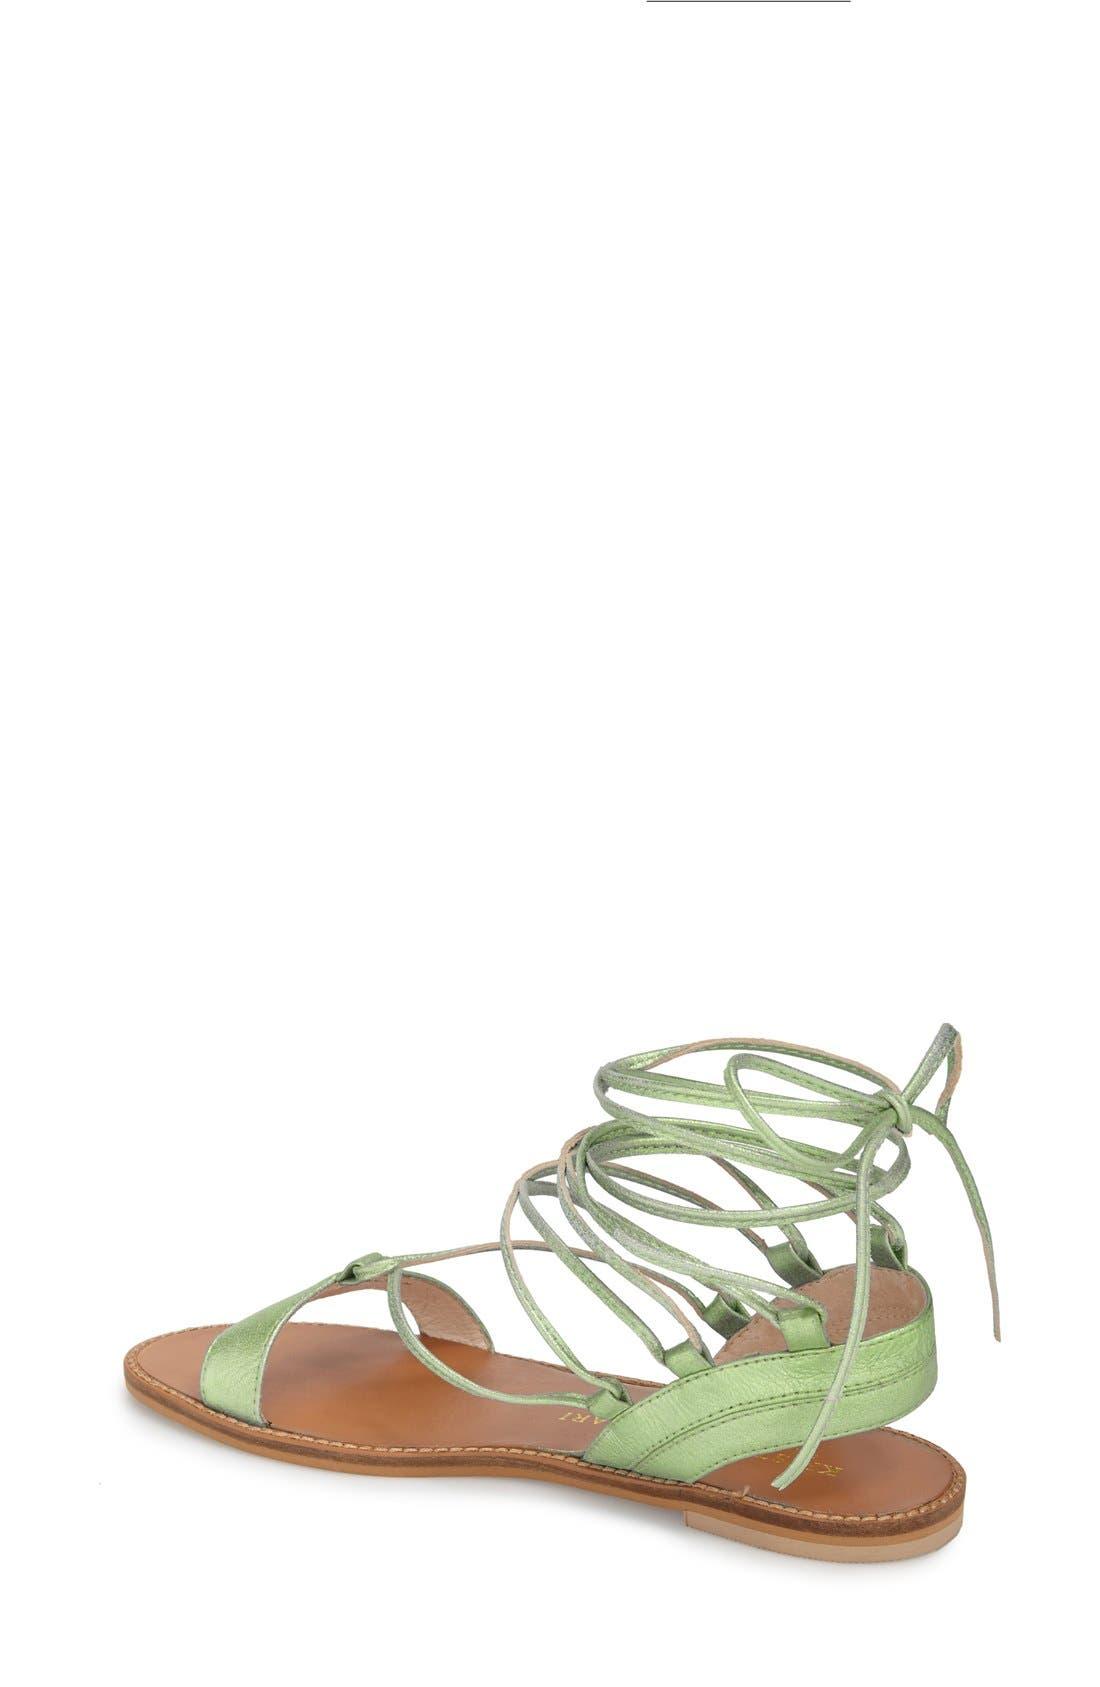 'Belle' Lace-Up Sandal,                             Alternate thumbnail 2, color,                             Mint Leather